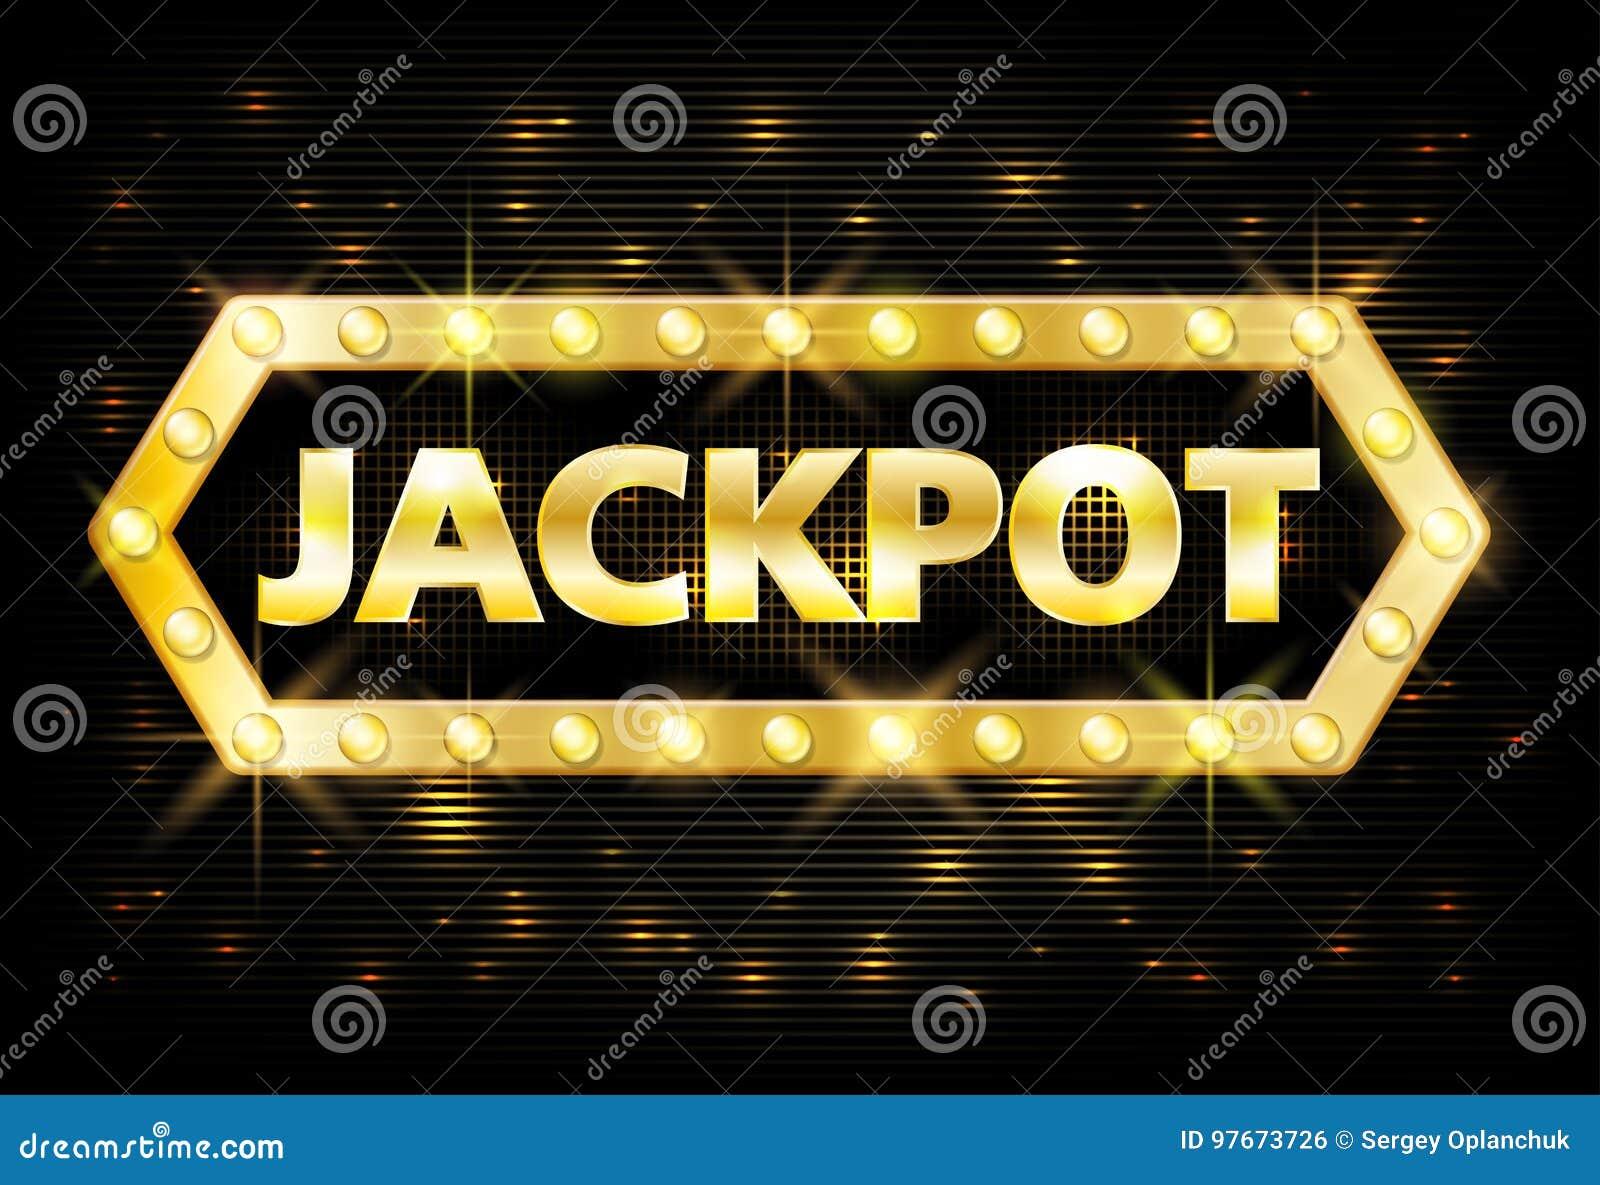 Χρυσή ετικέτα λότο χαρτοπαικτικών λεσχών τζακ ποτ με τους καμμένος λαμπτήρες στο μαύρο υπόβαθρο Τυχερό παιχνίδι σχεδίου νικητών τ